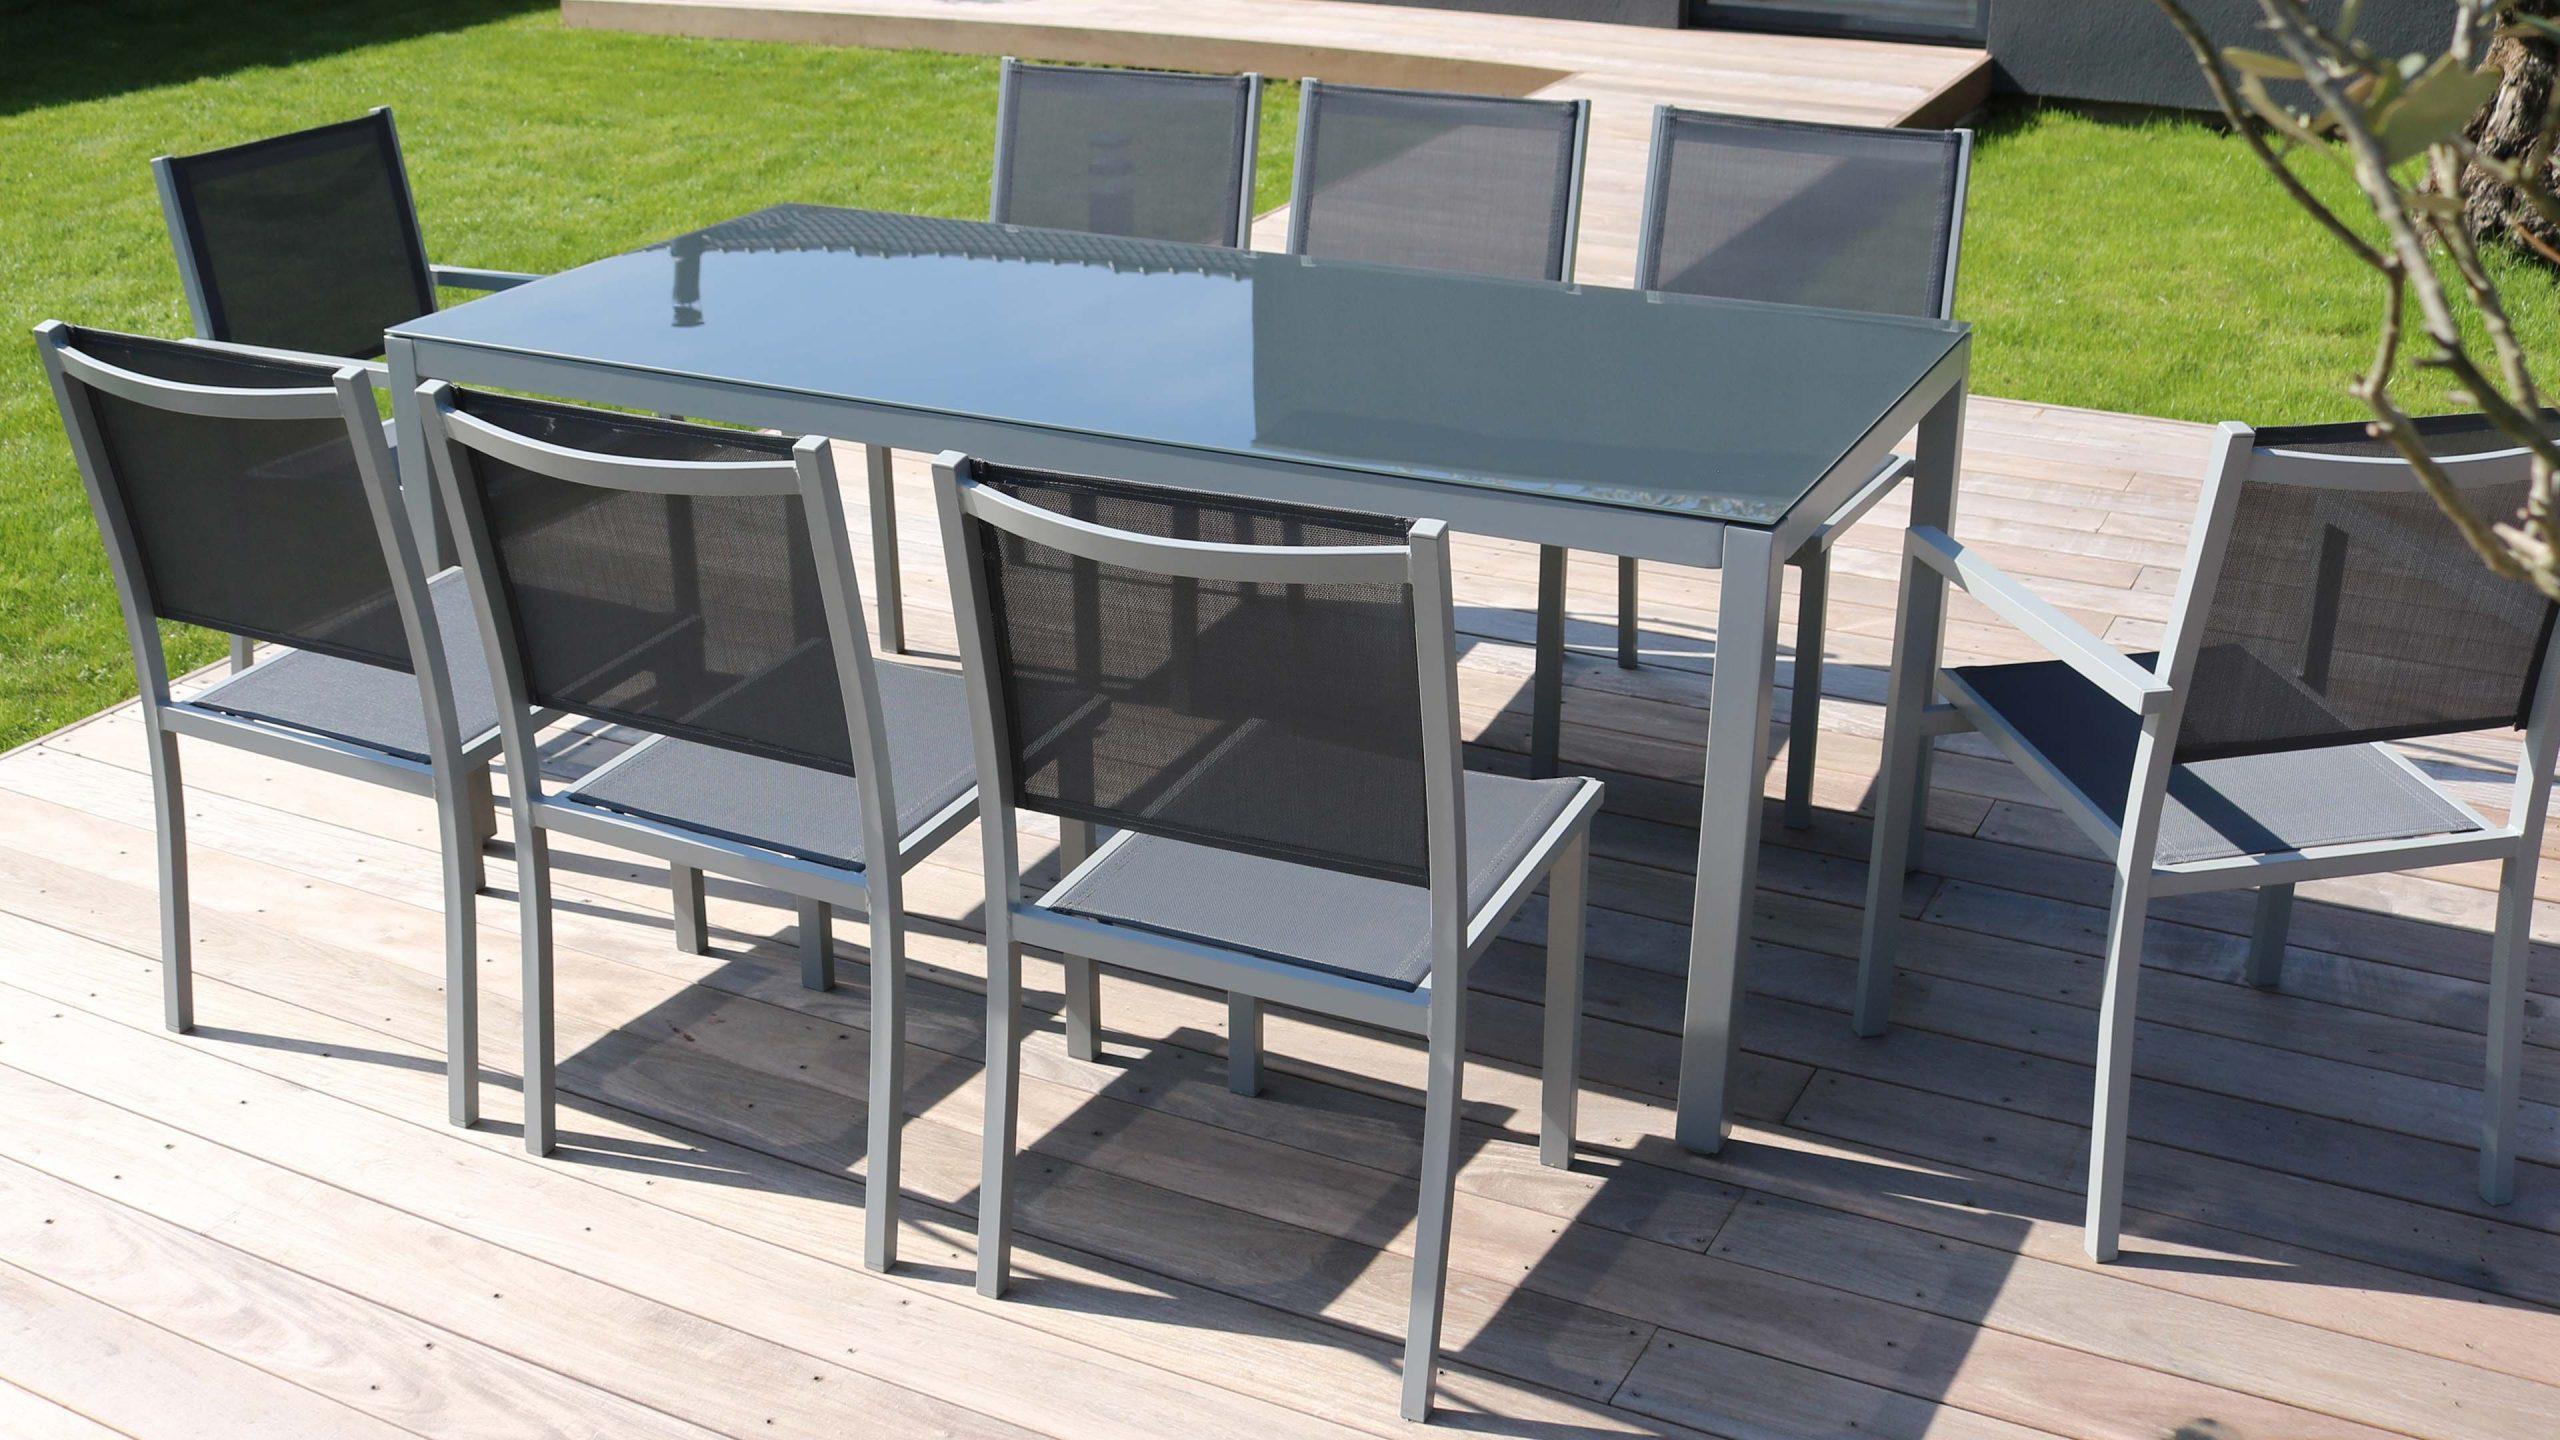 Salon De Jardin Aluminium Table De Jardin 8 Places encequiconcerne Table De Jardin En Aluminium